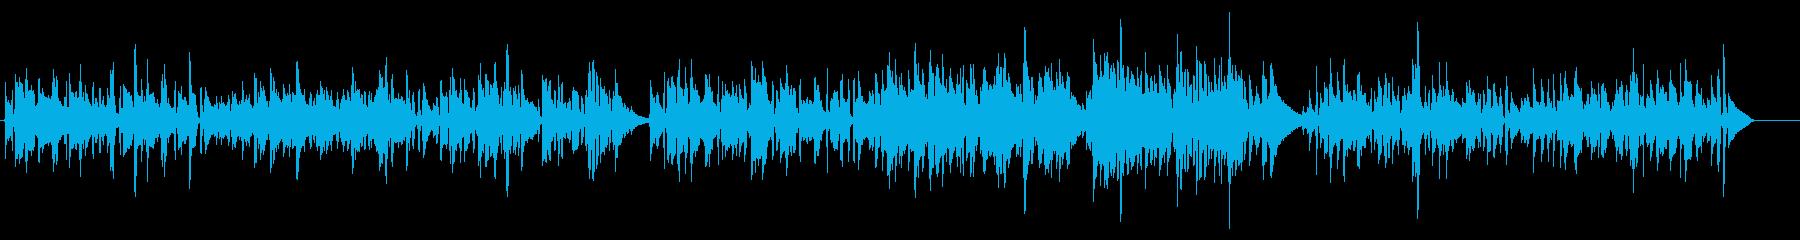 春っぽいイメージのアコギインストの再生済みの波形